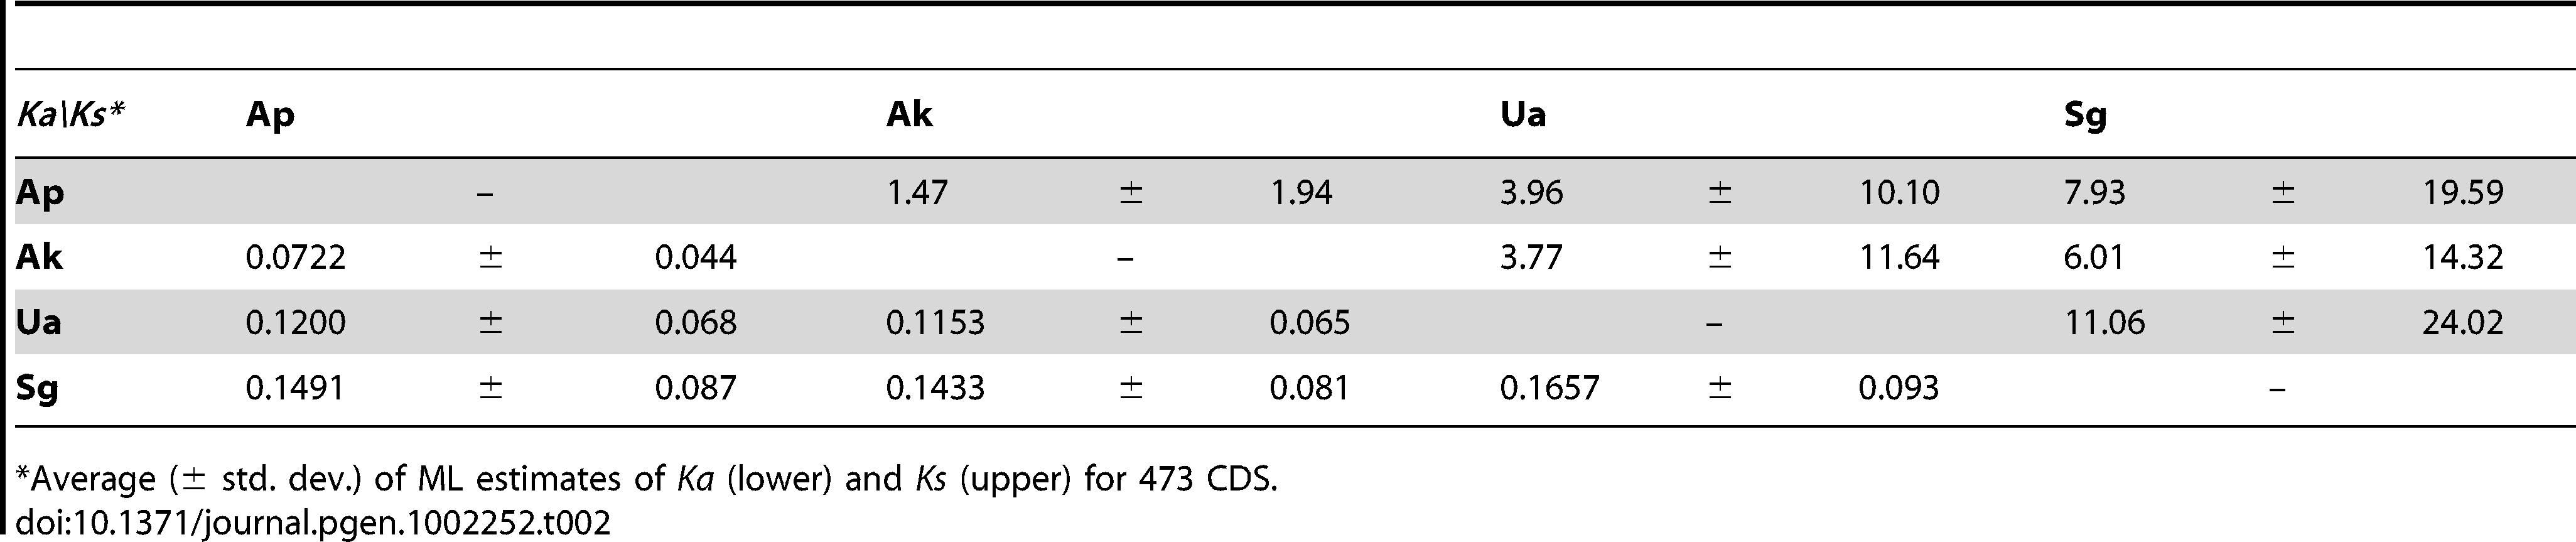 Synonymous and nonsynonymous divergences averaged across orthologous protein-coding genes of <i>Buchnera</i>-Ap, <i>Buchnera</i>-Ak, <i>Buchnera</i>-Ua, and <i>Buchnera</i>-Sg.